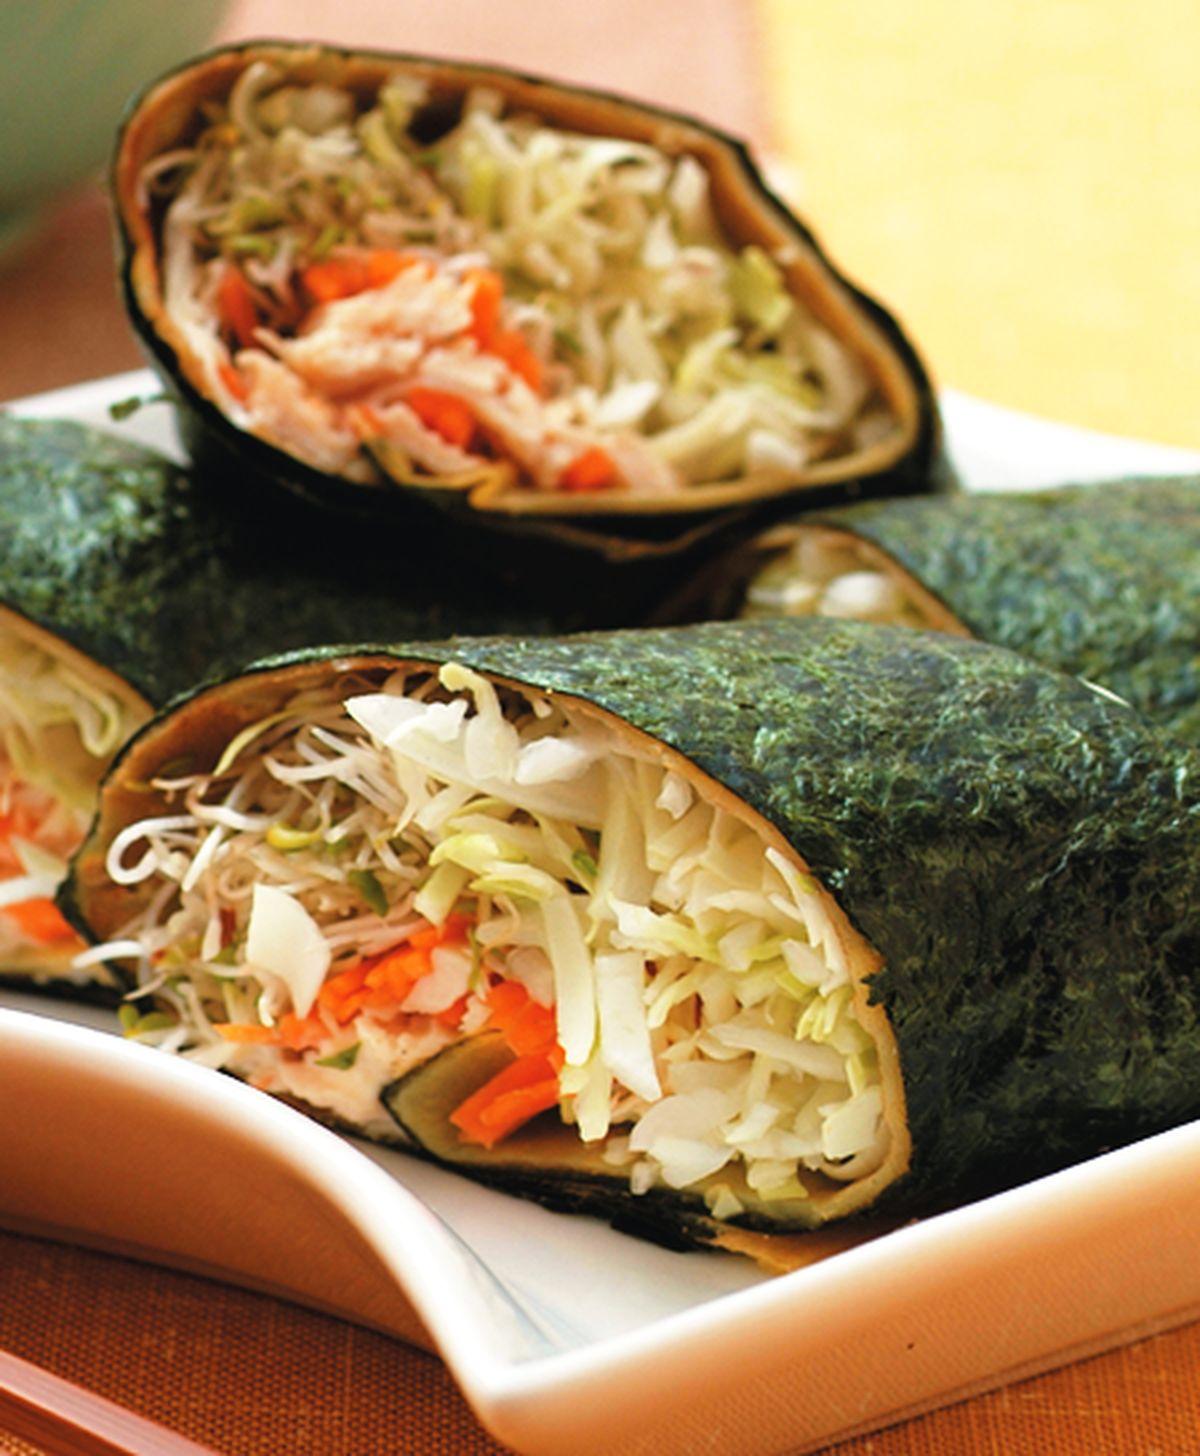 食譜:青蔬雞絲捲